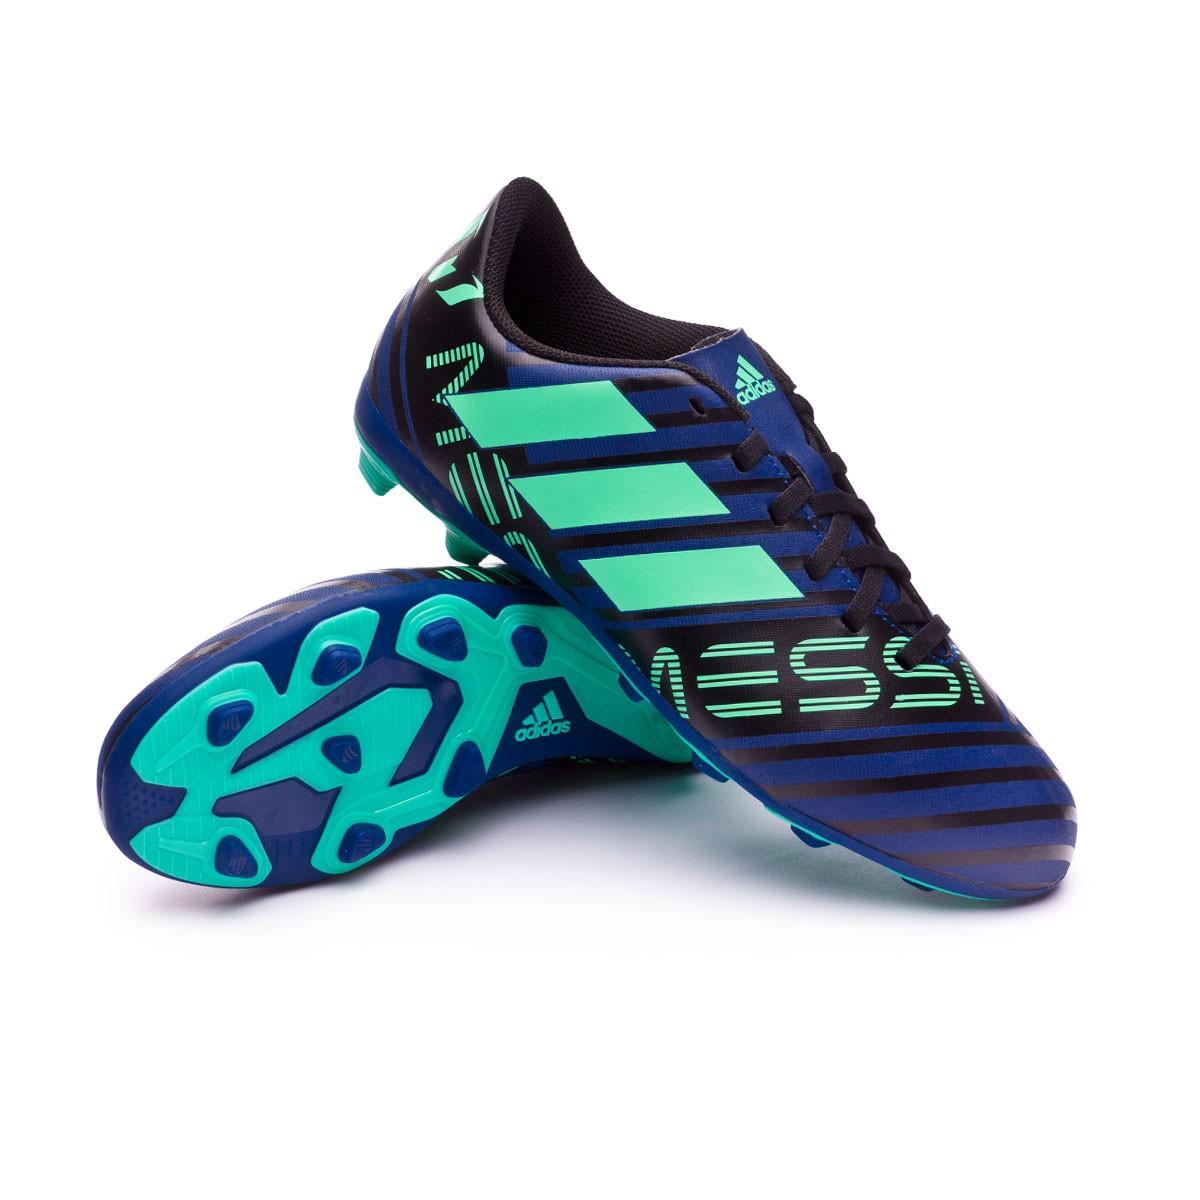 Zapatos de fútbol adidas Nemeziz Messi 17.4 FxG Niño Unity ink-Hi-res  green-Core black - Soloporteros es ahora Fútbol Emotion b1579e39f2214